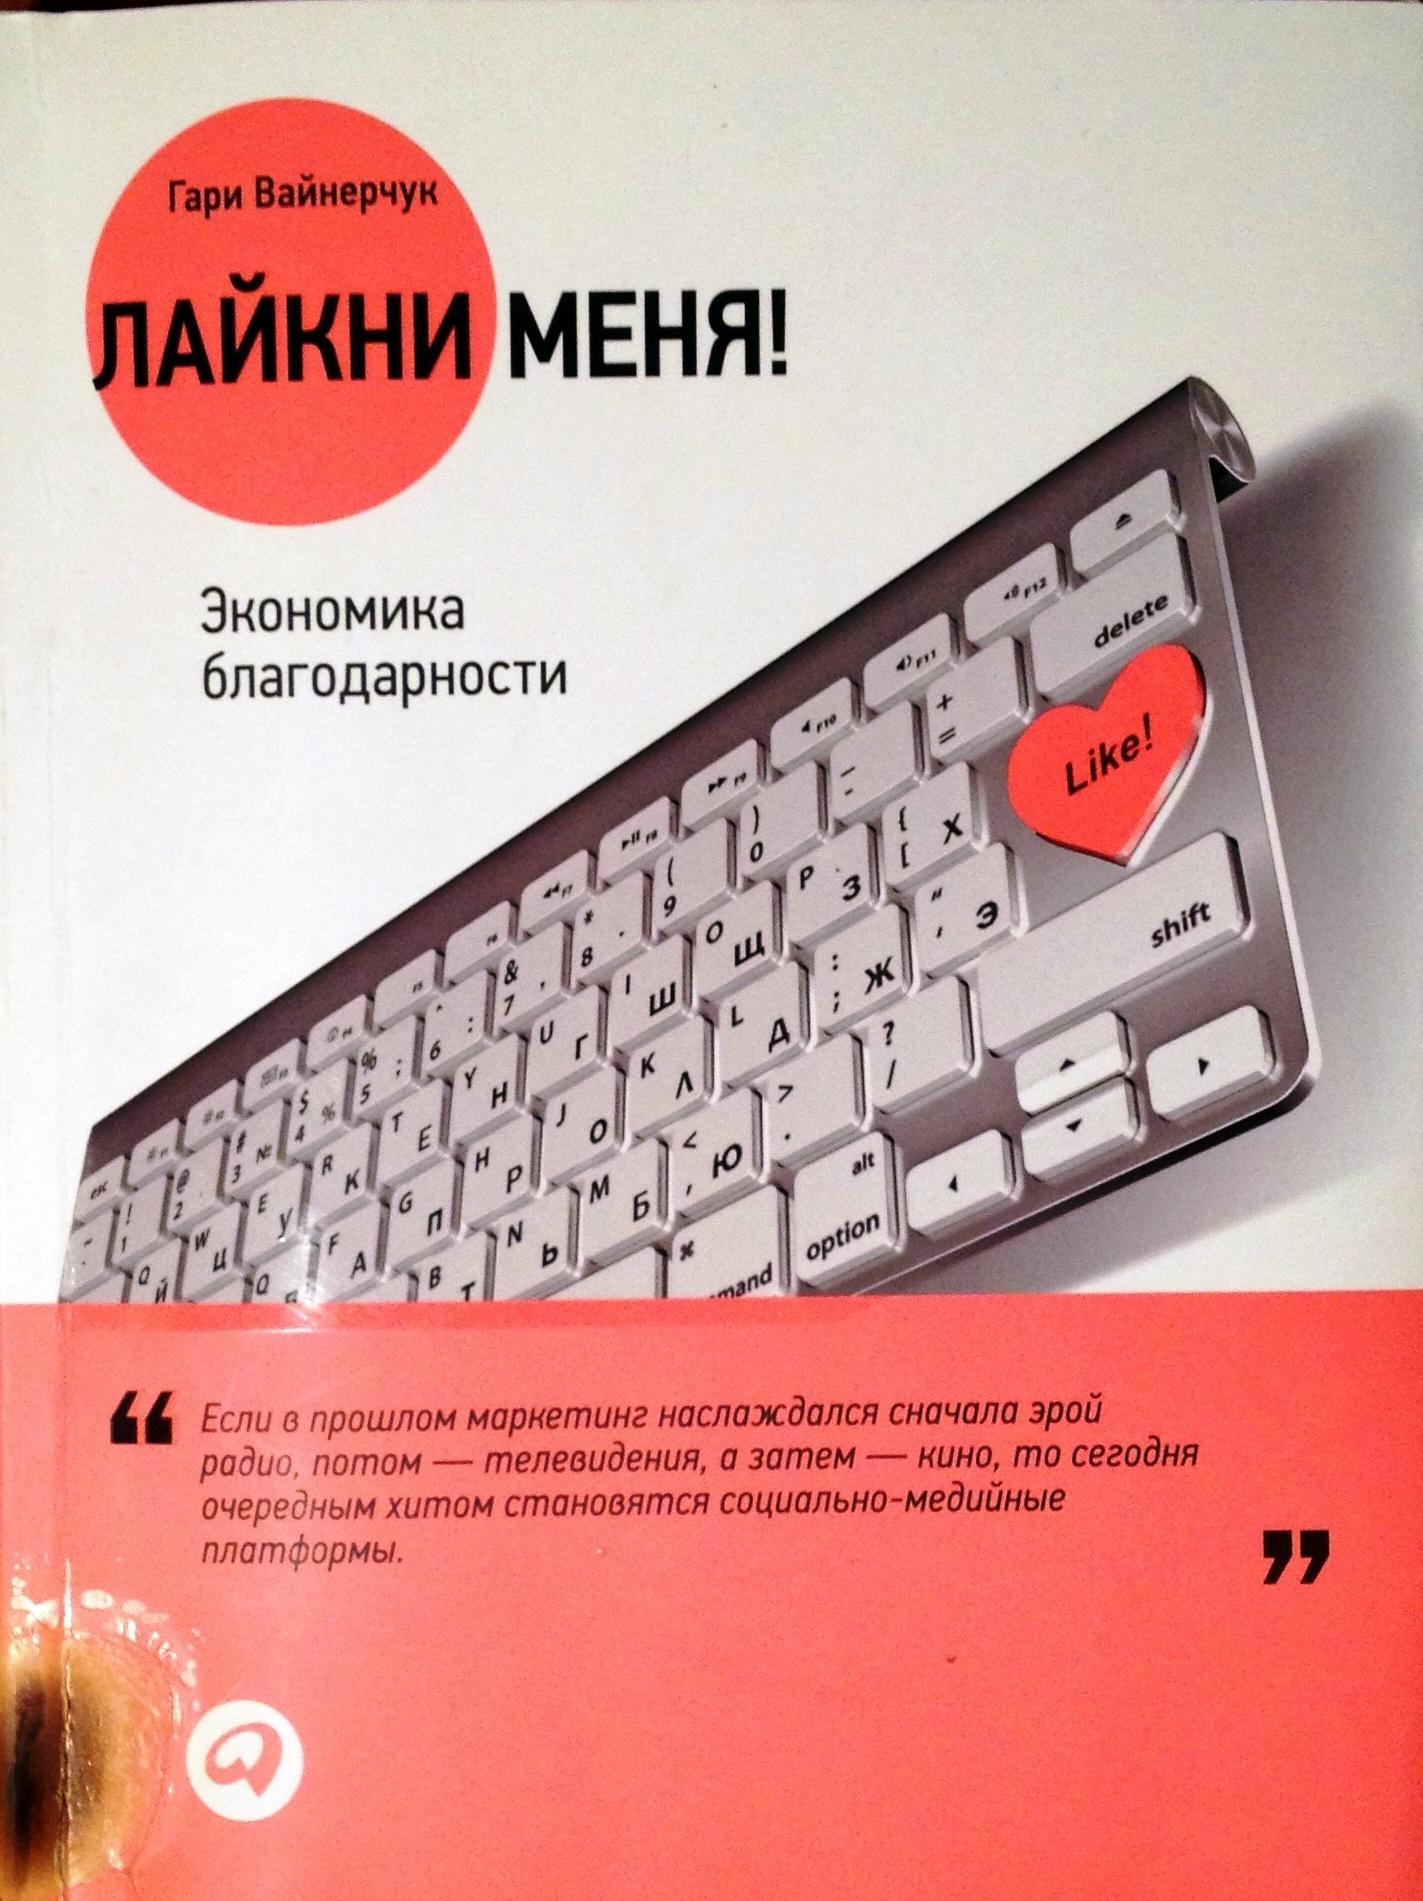 Гари Вайнерчук Лайкни Меня Скачать